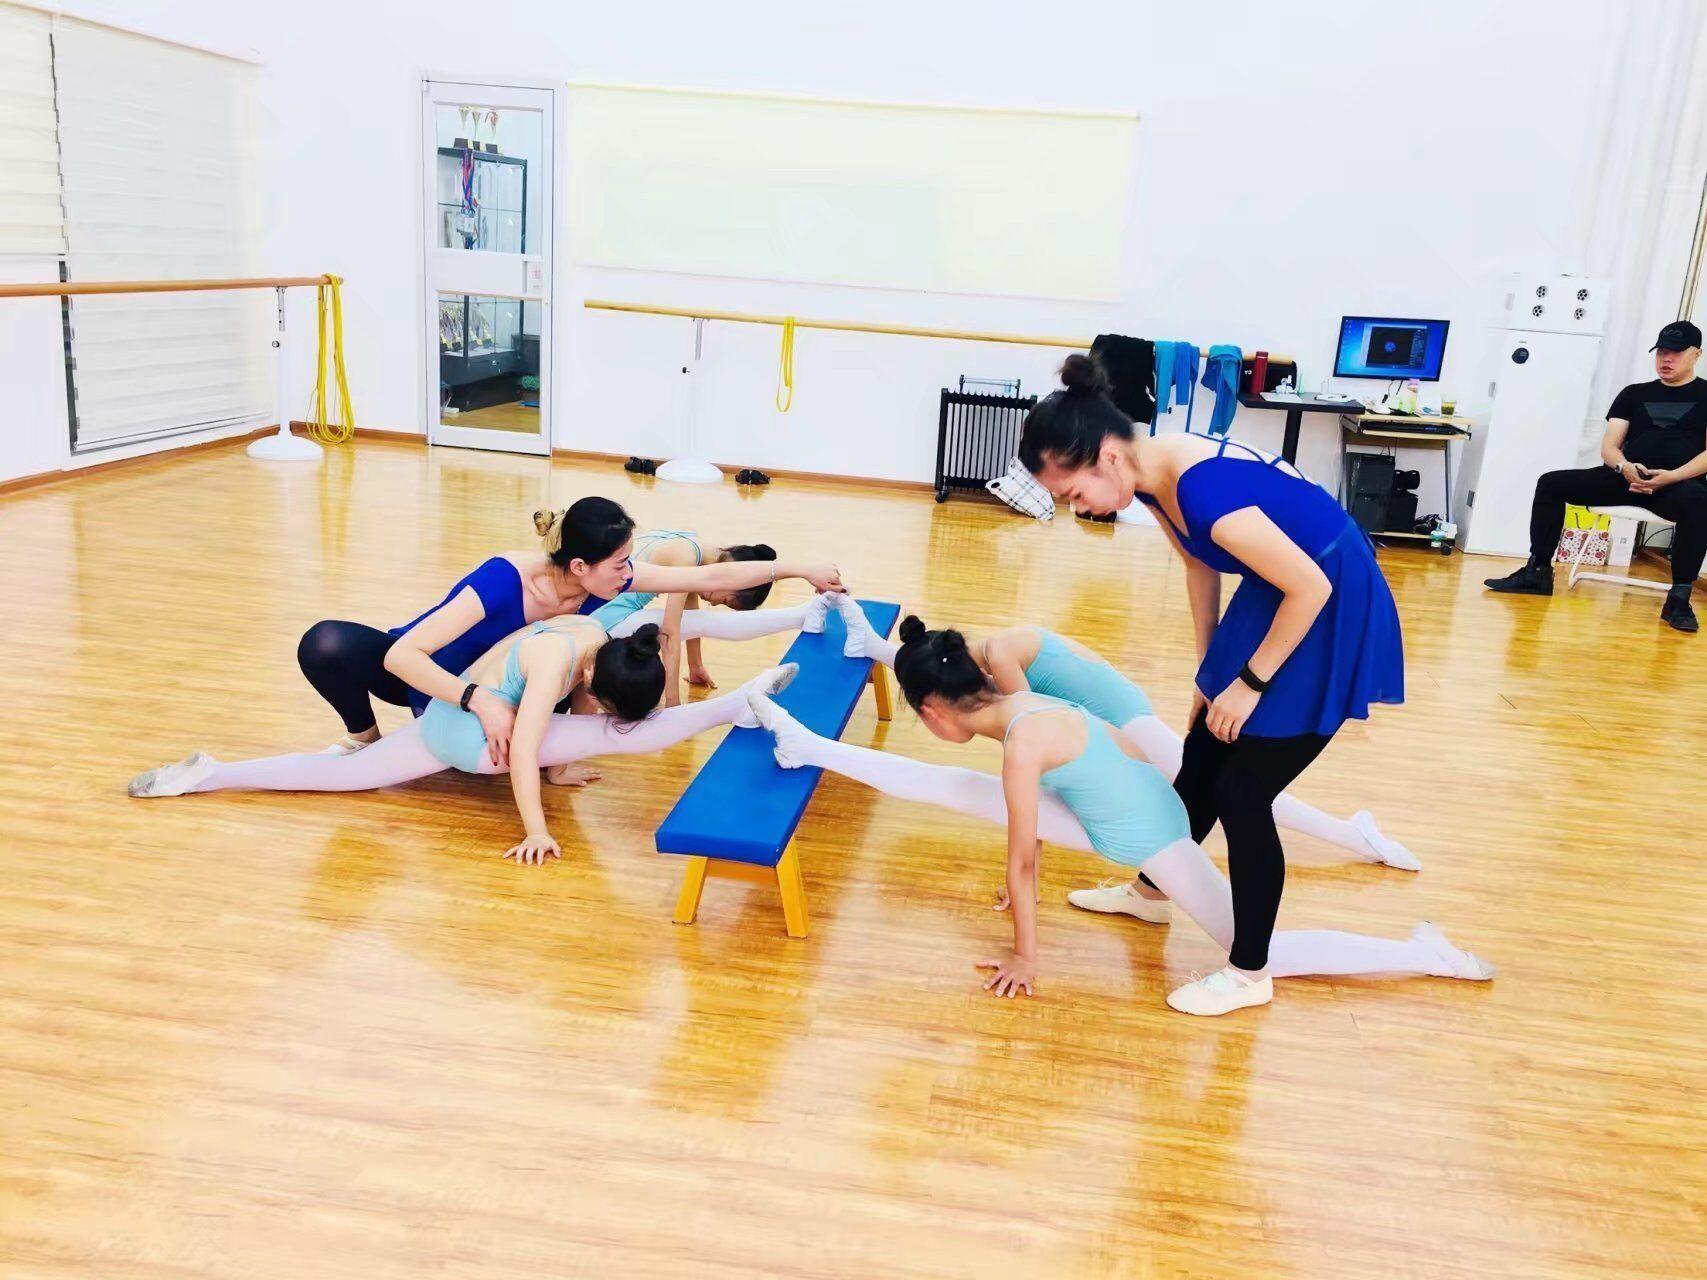 加盟阿昆舞蹈好吗?具有哪些加盟优势呢?